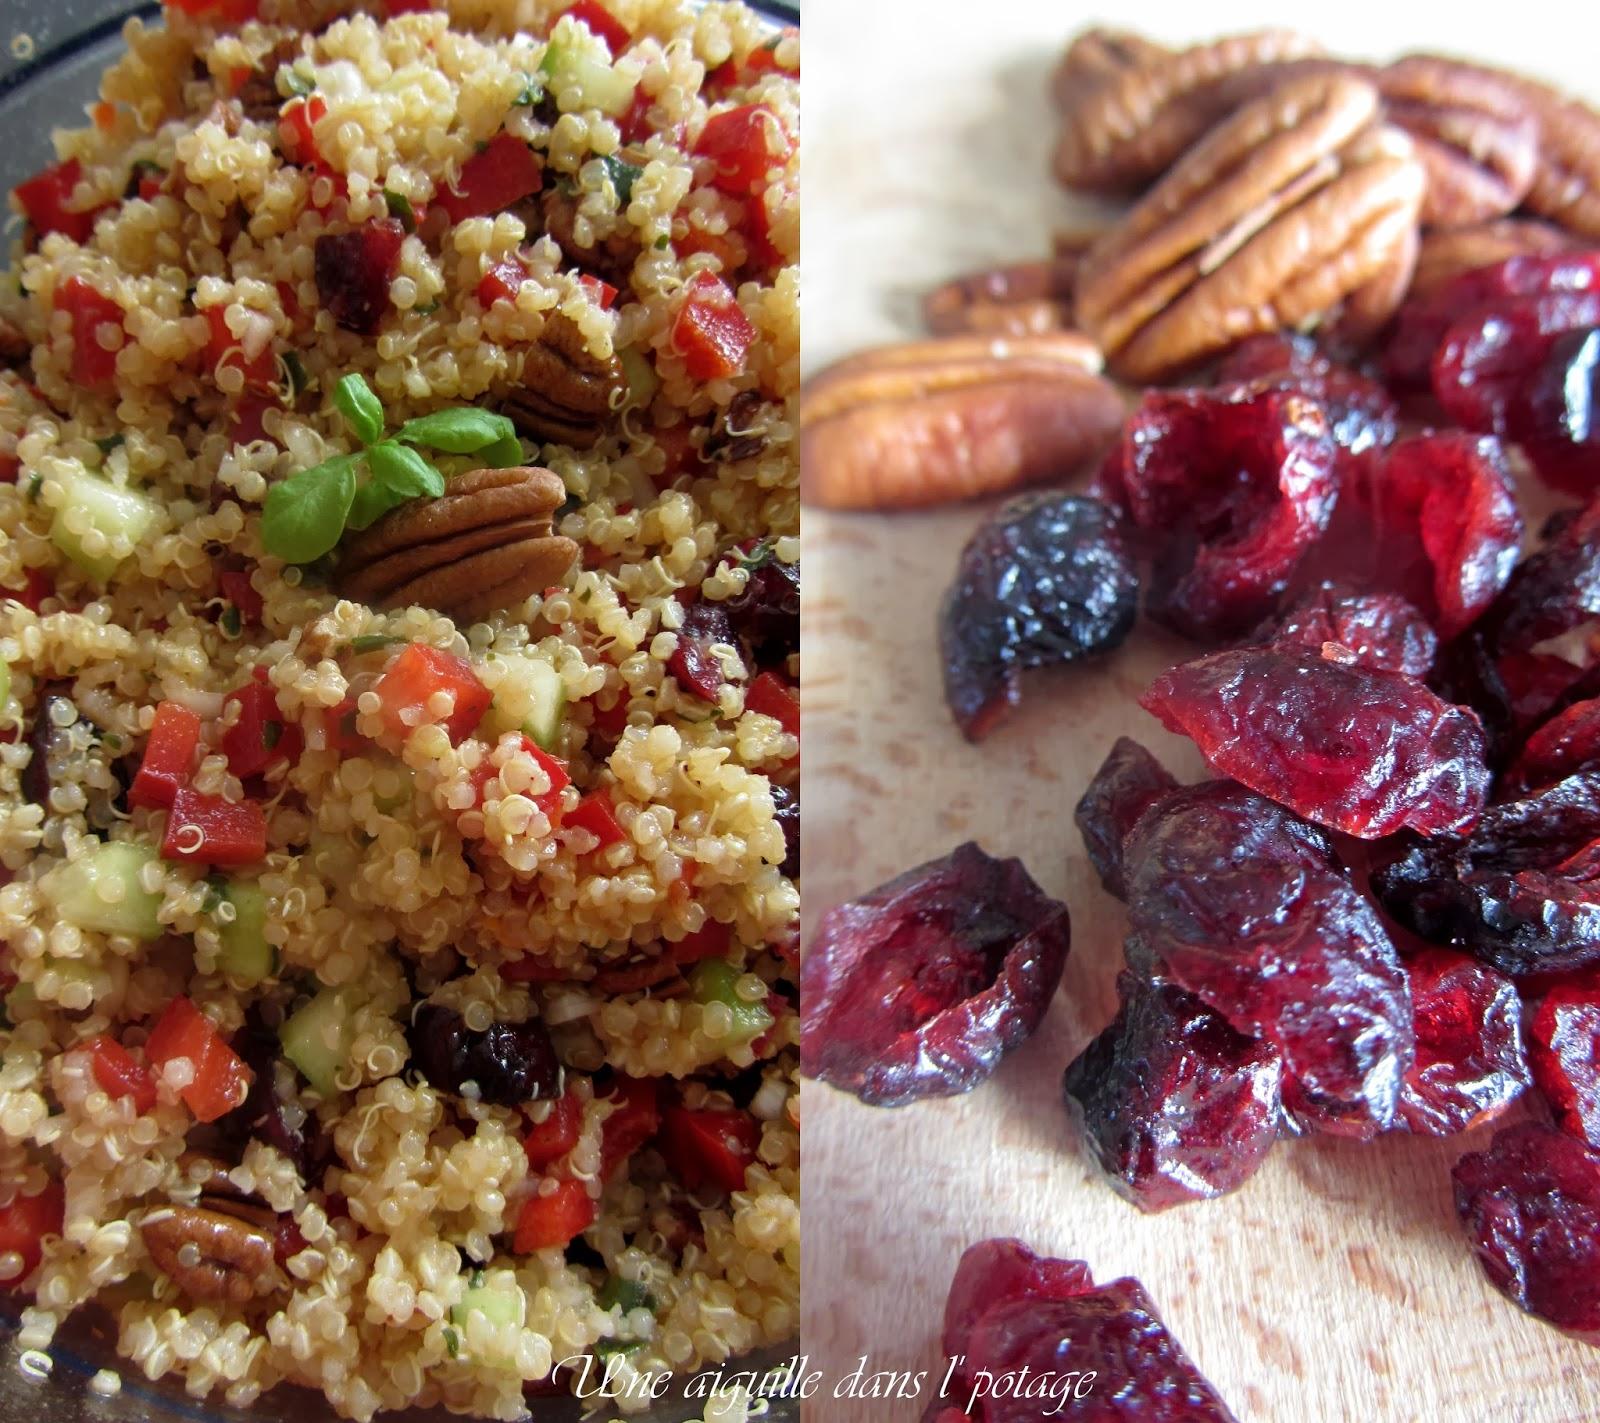 Salade de quinoa aux noix de pécan et cramberries